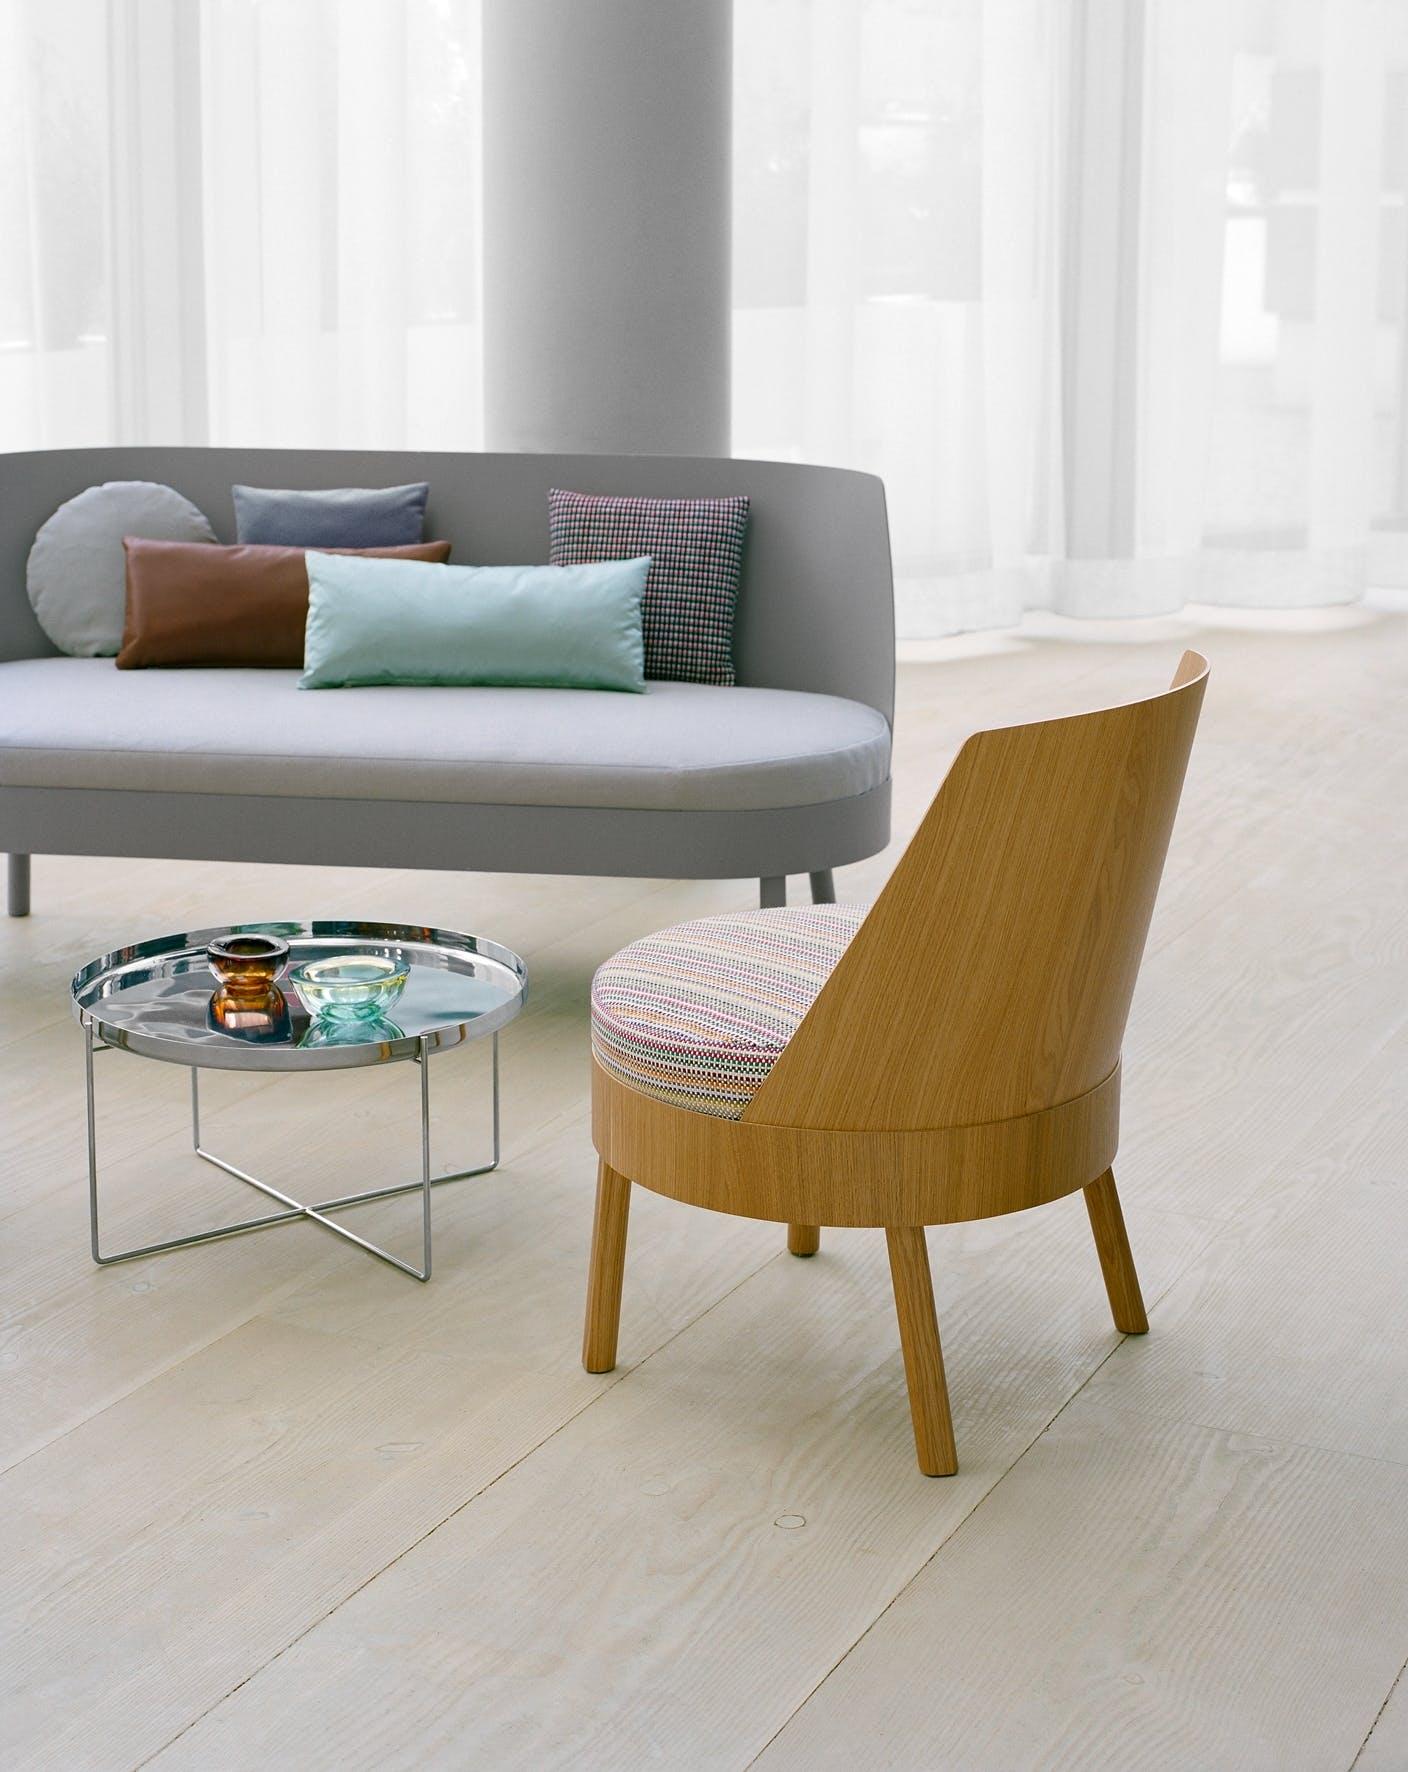 E15-furniture-back-bessy-lounge-chair-institu-haute-living